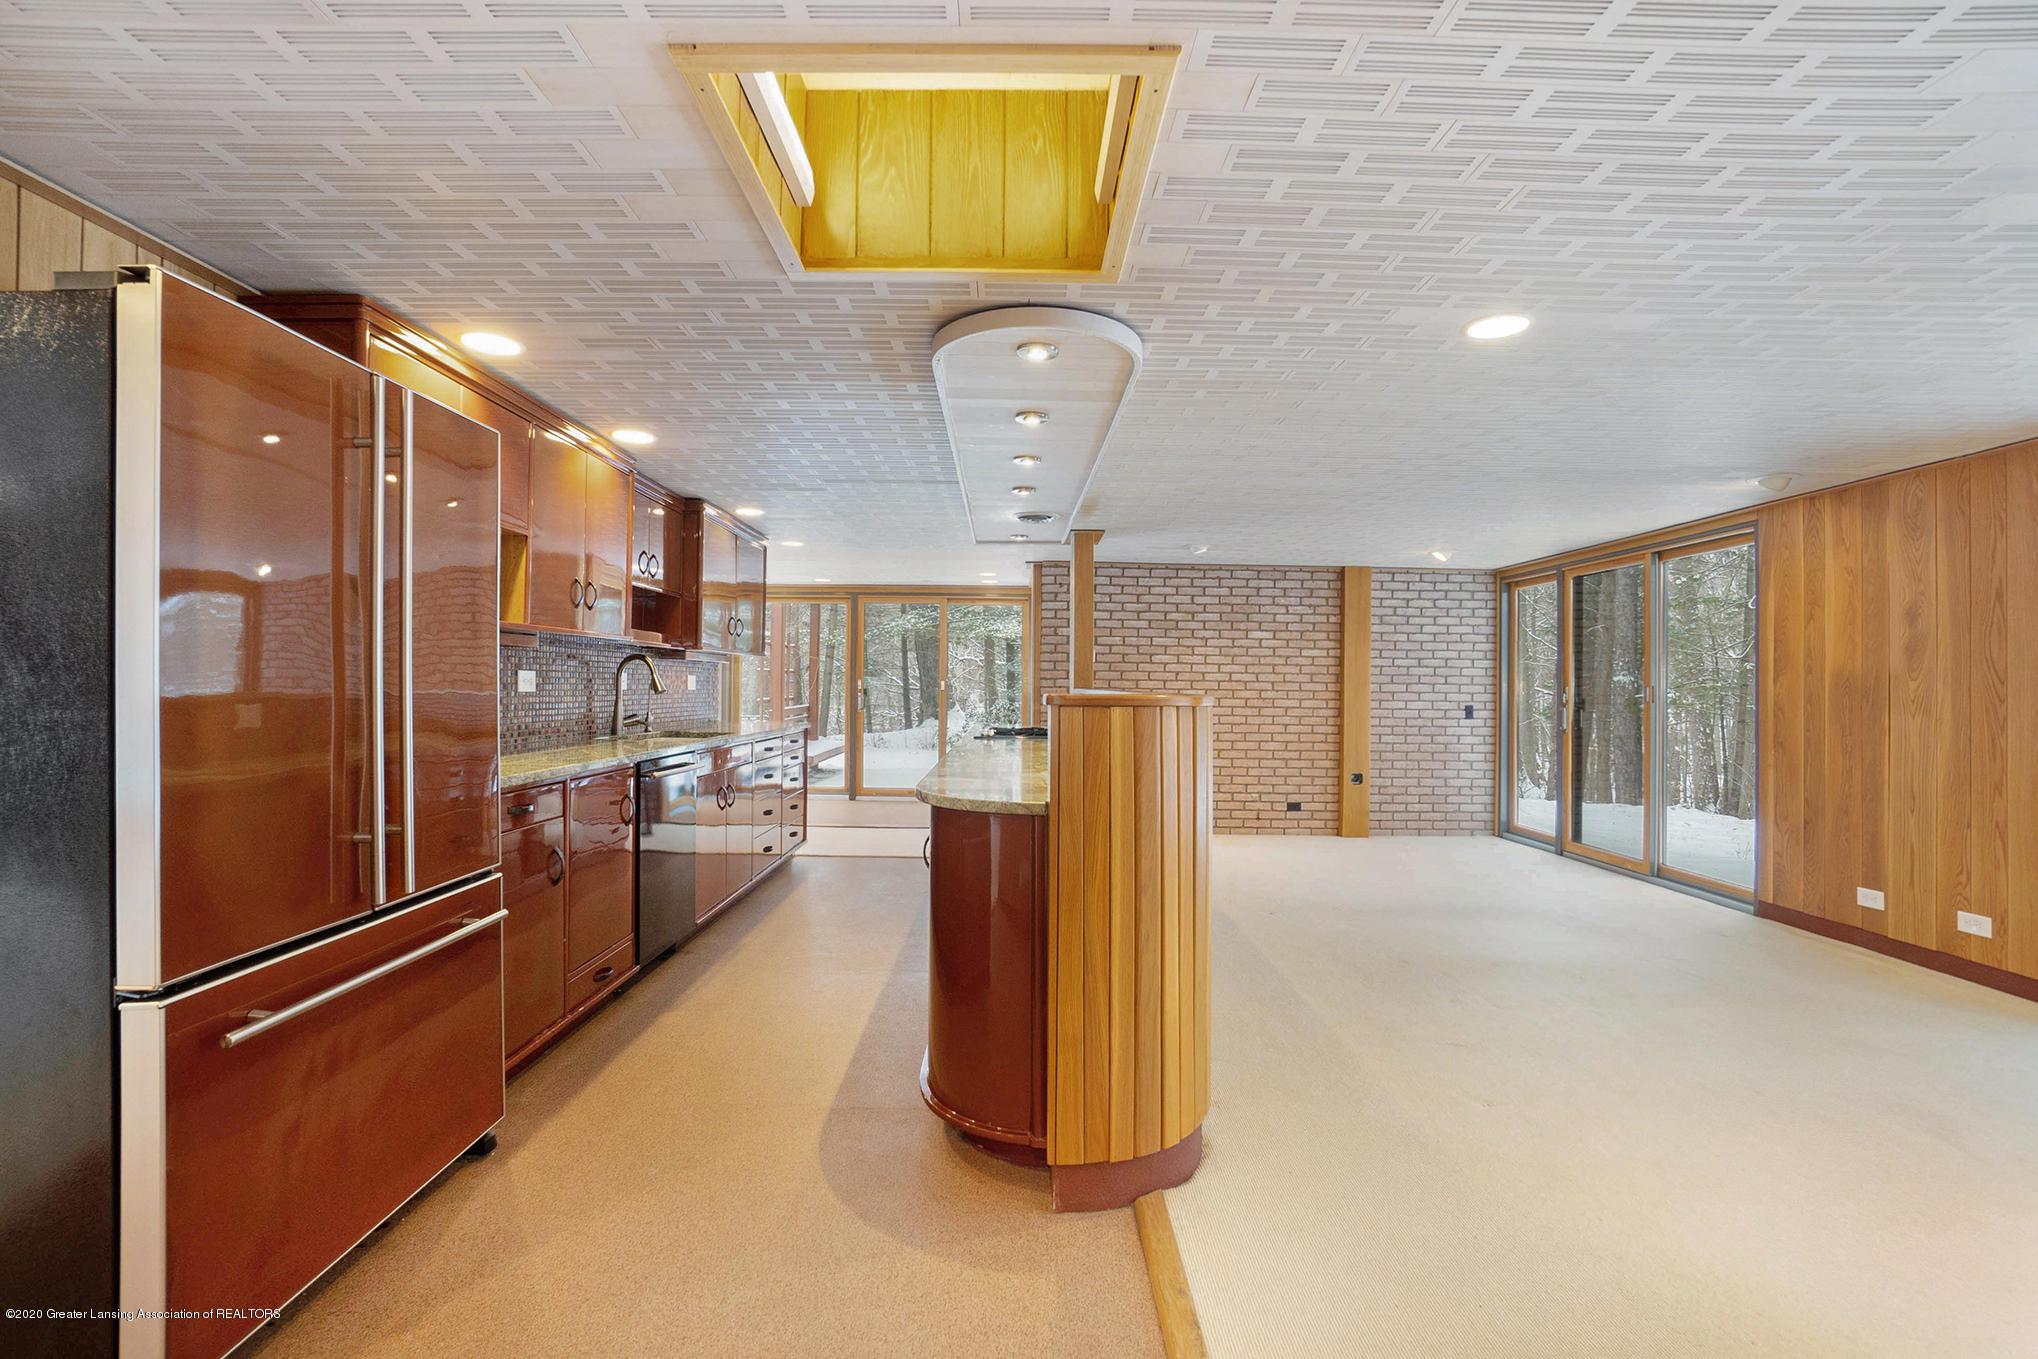 4045 Van Atta Rd - Floor Plan - 14